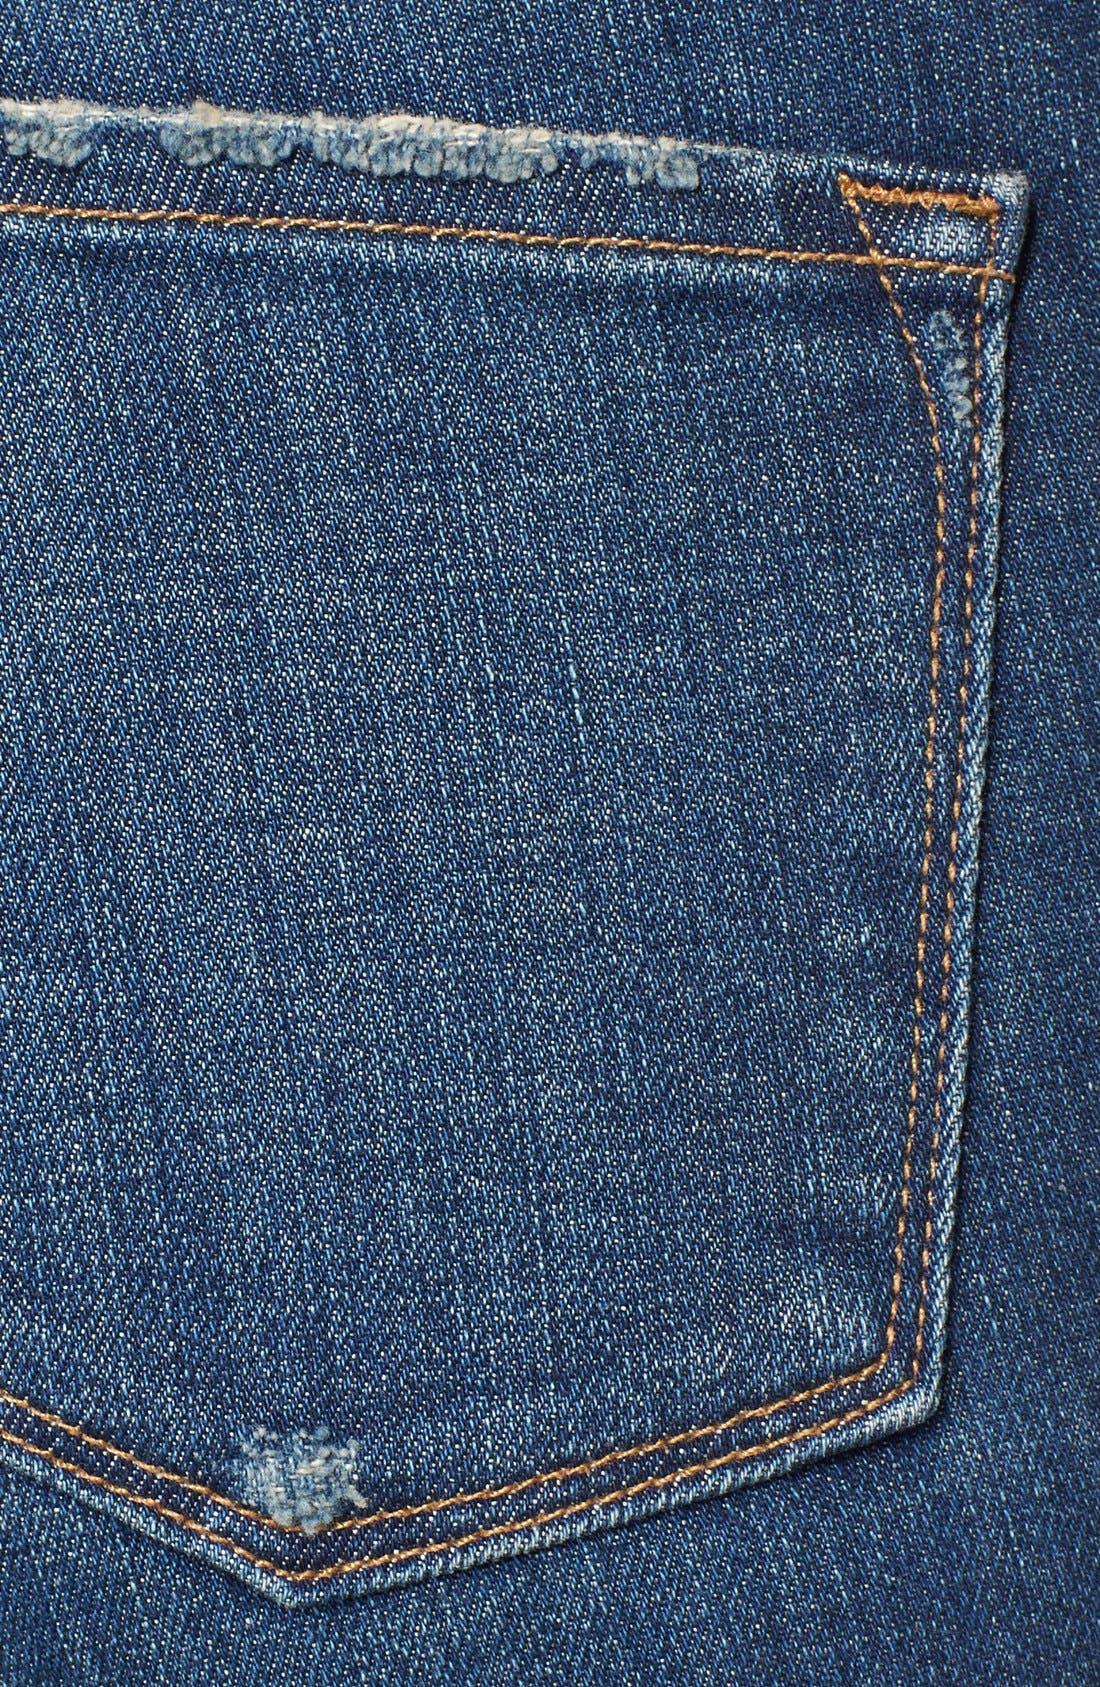 Alternate Image 3  - Frame Denim 'Le Skinny de Jeanne' Destroyed Jeans (Walgrove)